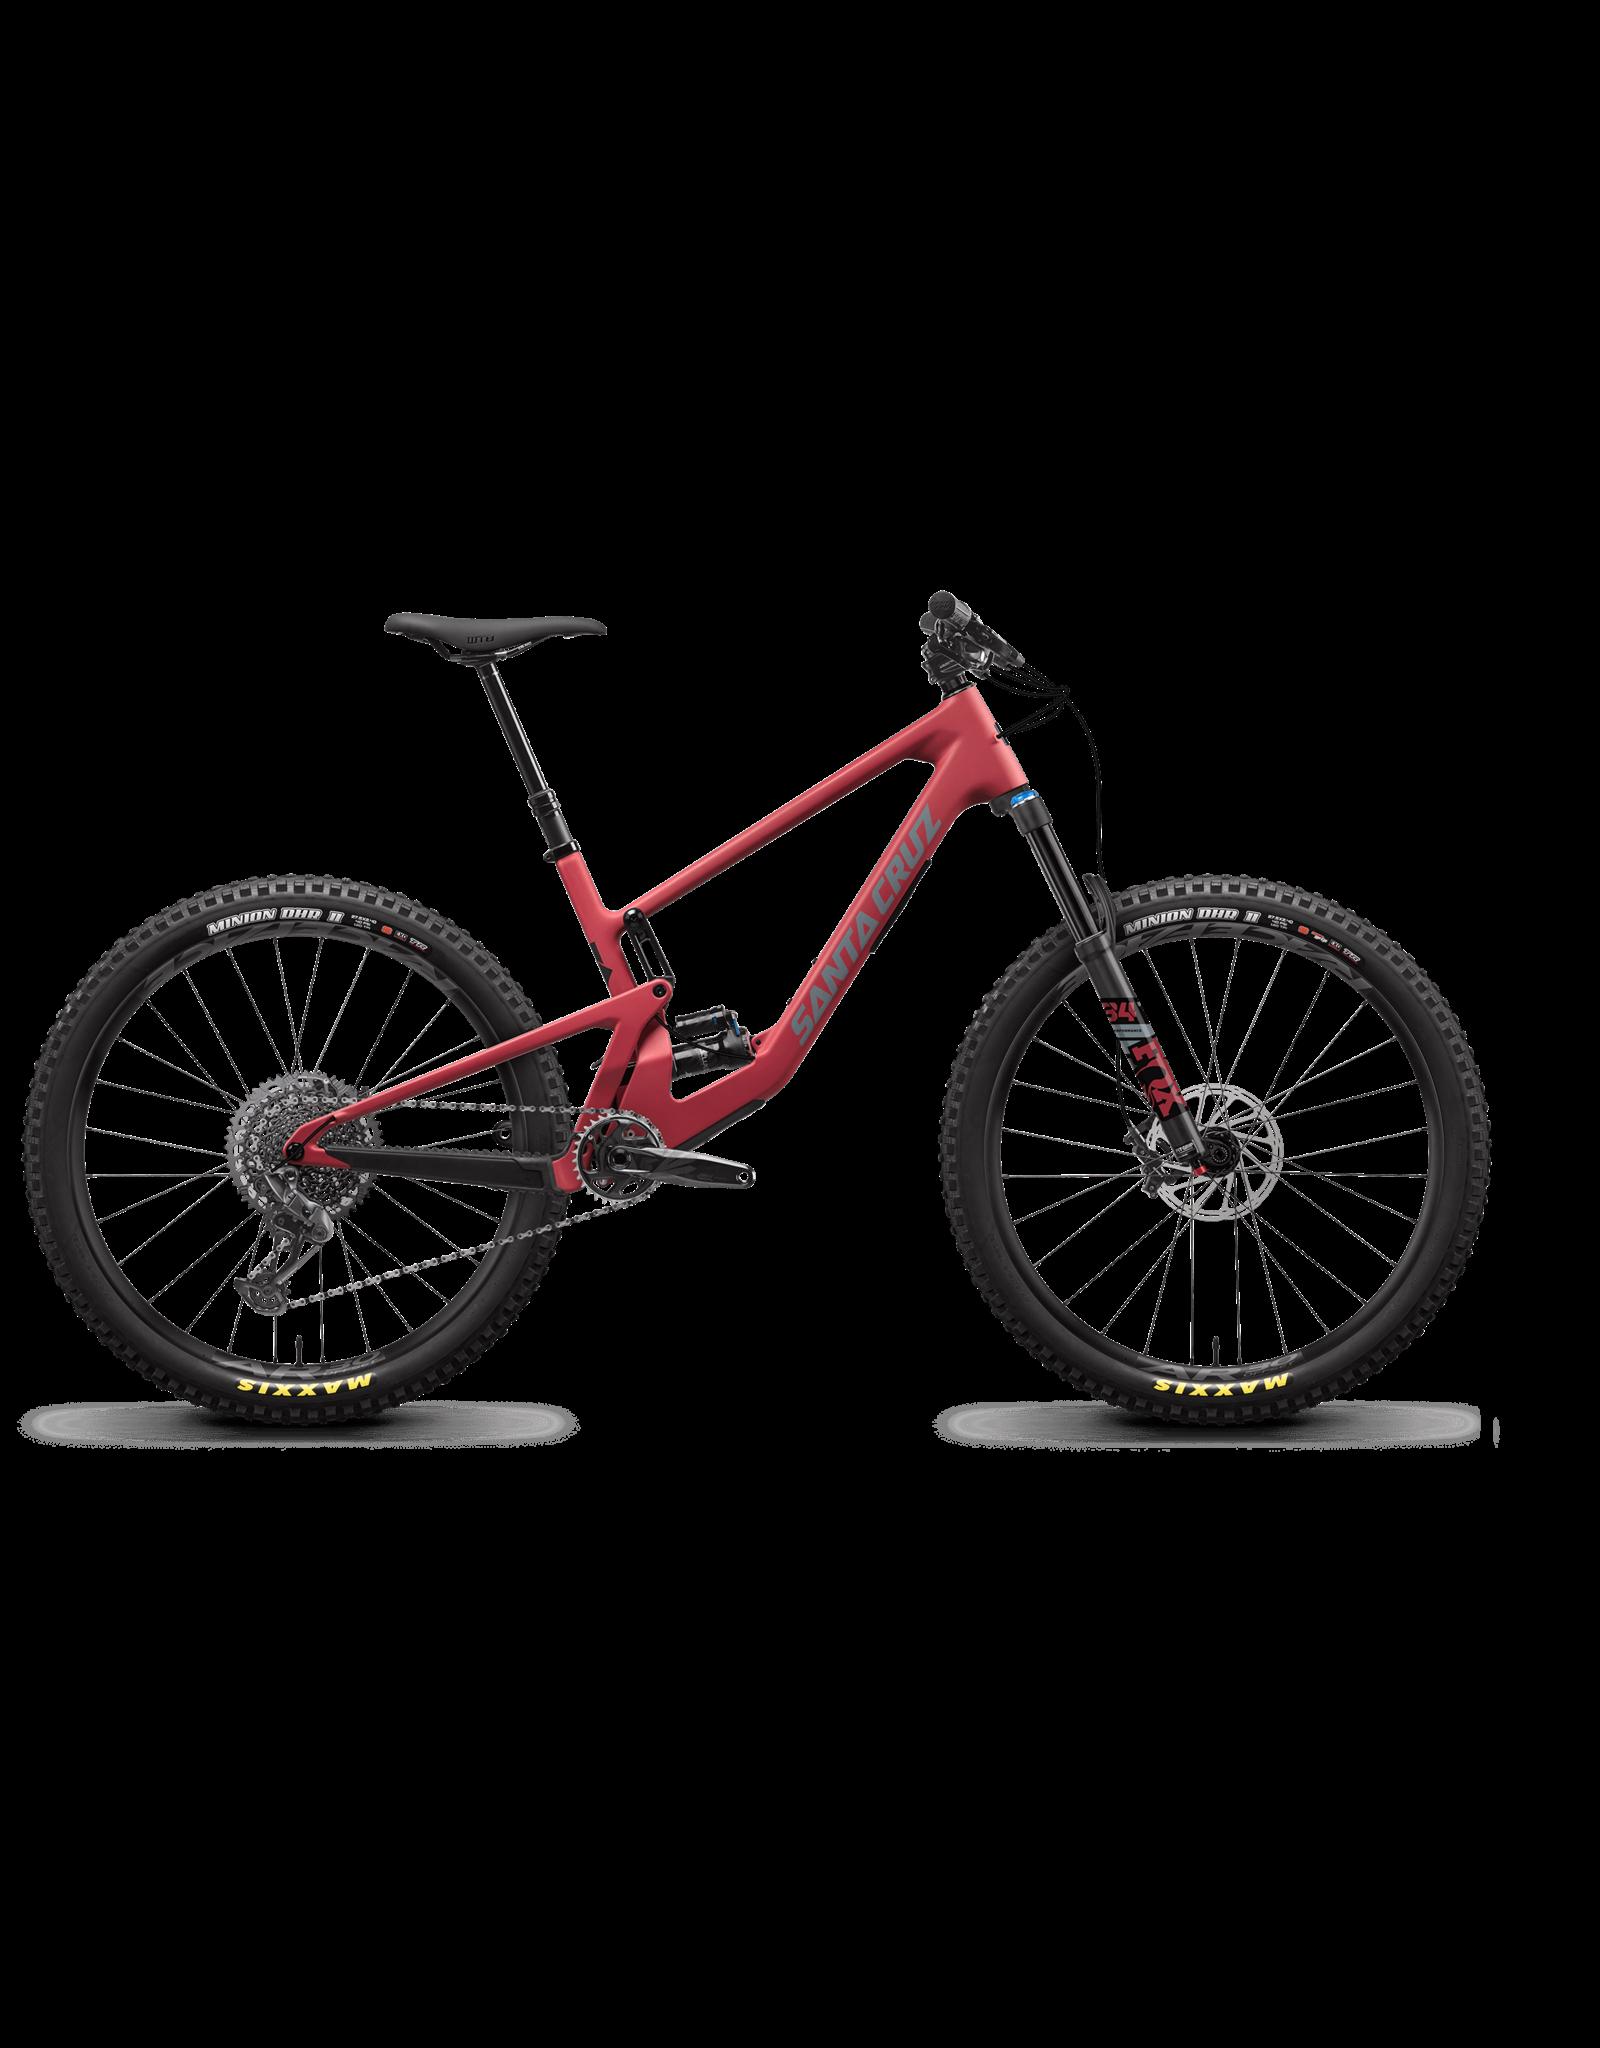 Santa Cruz 2021 Santa Cruz 5010 Carbon, S-Kit